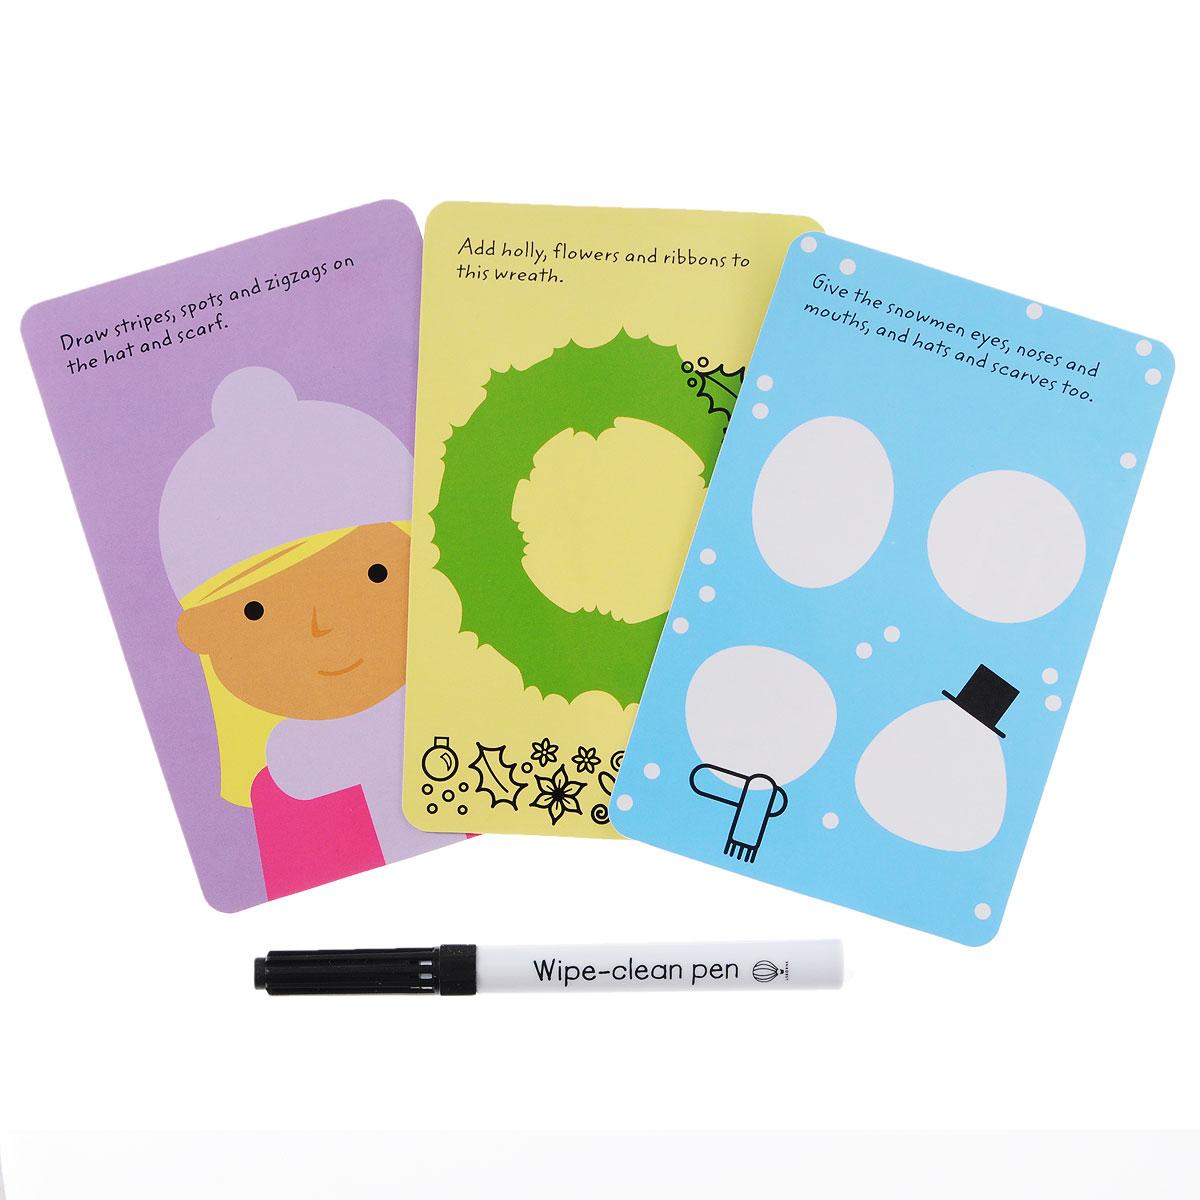 Christmas Doodles: 50 Wipe-clean Card witn Pen (набор из 50 карточек + маркер)